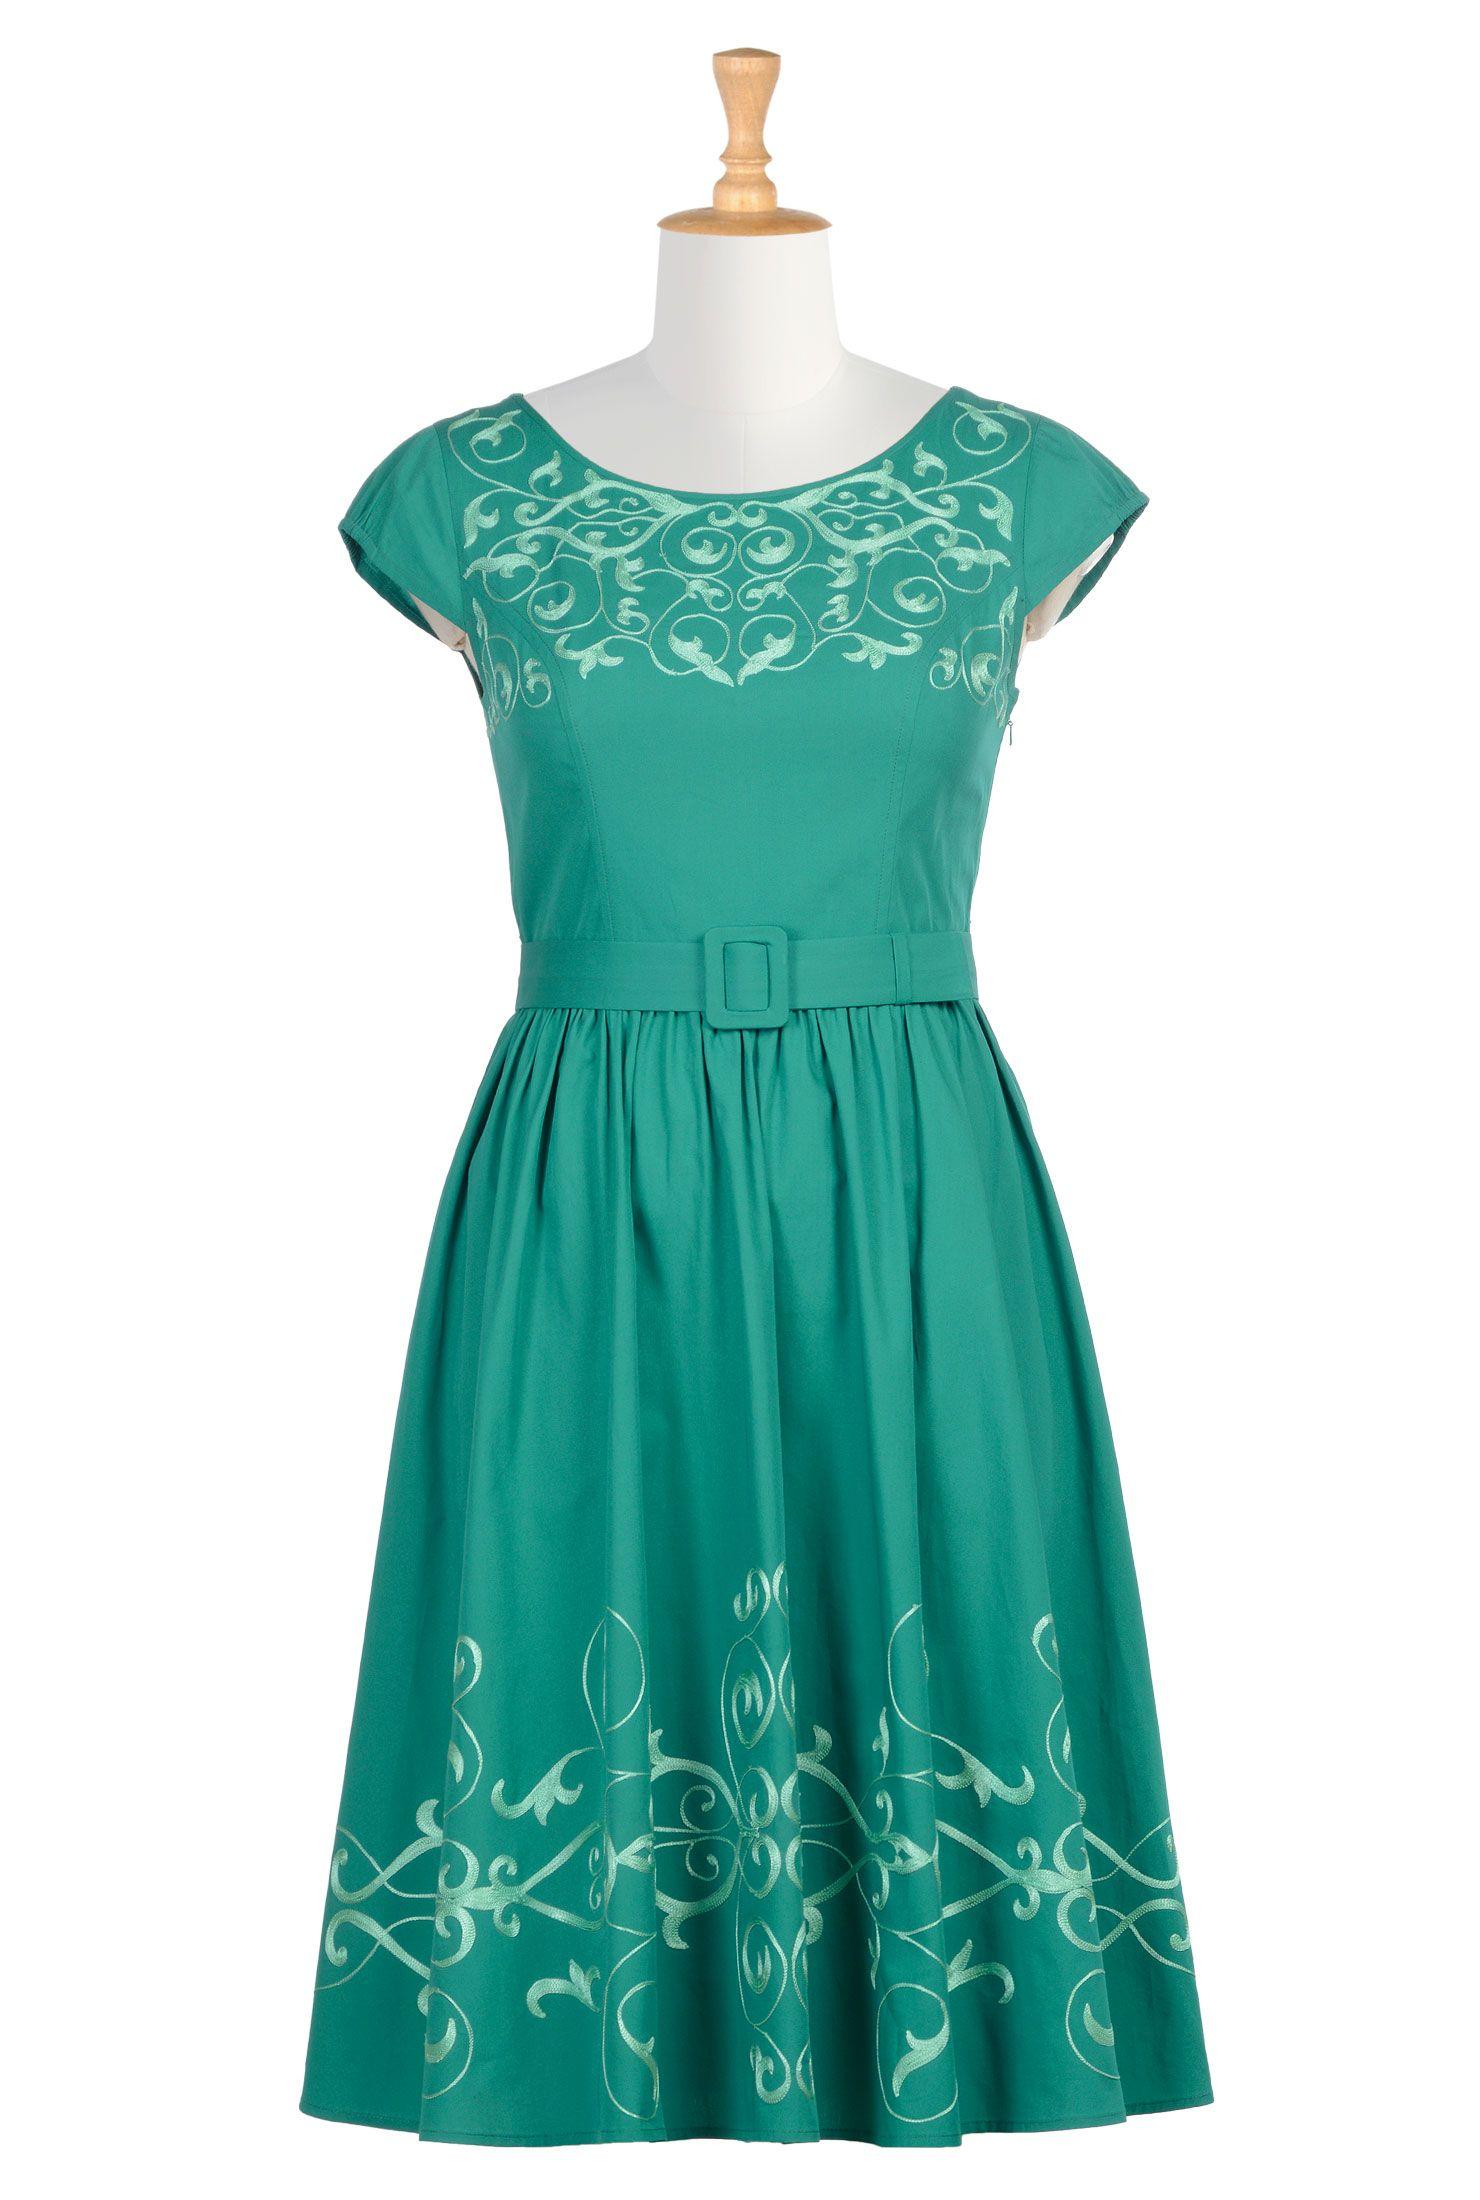 Graphic Floral Vine Embellished Poplin Dresses, Cotton Poplin Dresses Shop womens designer dresses - Tops and Dresses for Women | eShakti